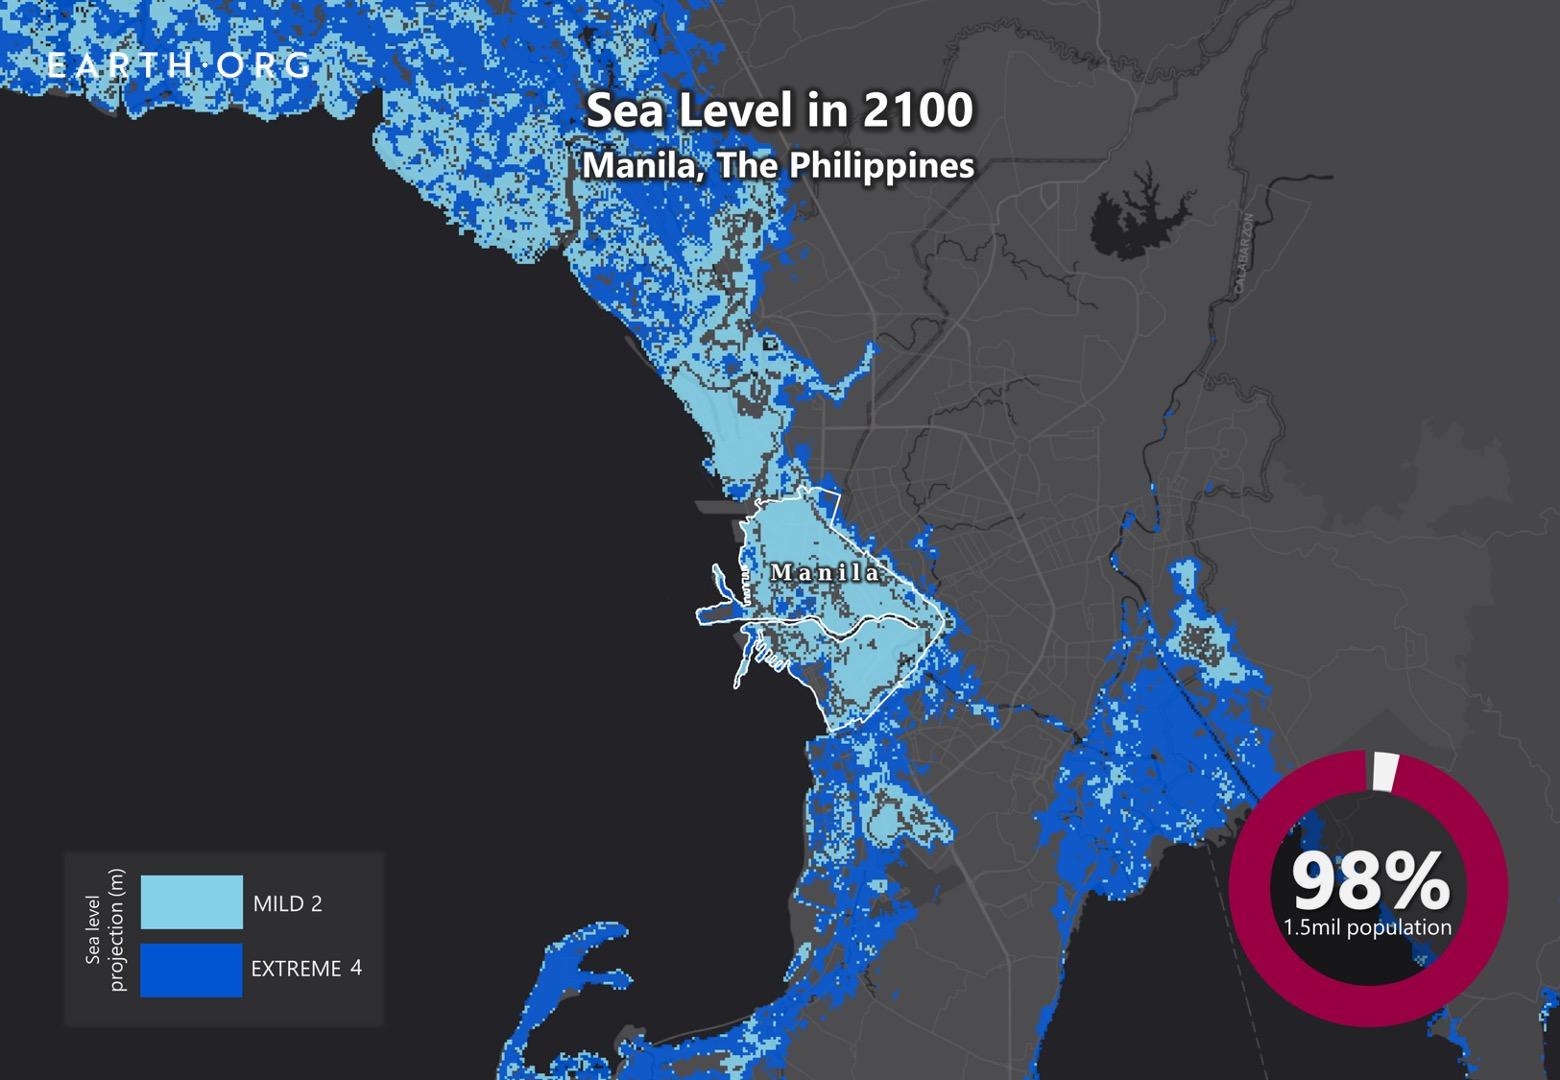 sea level rise by 2100 manila